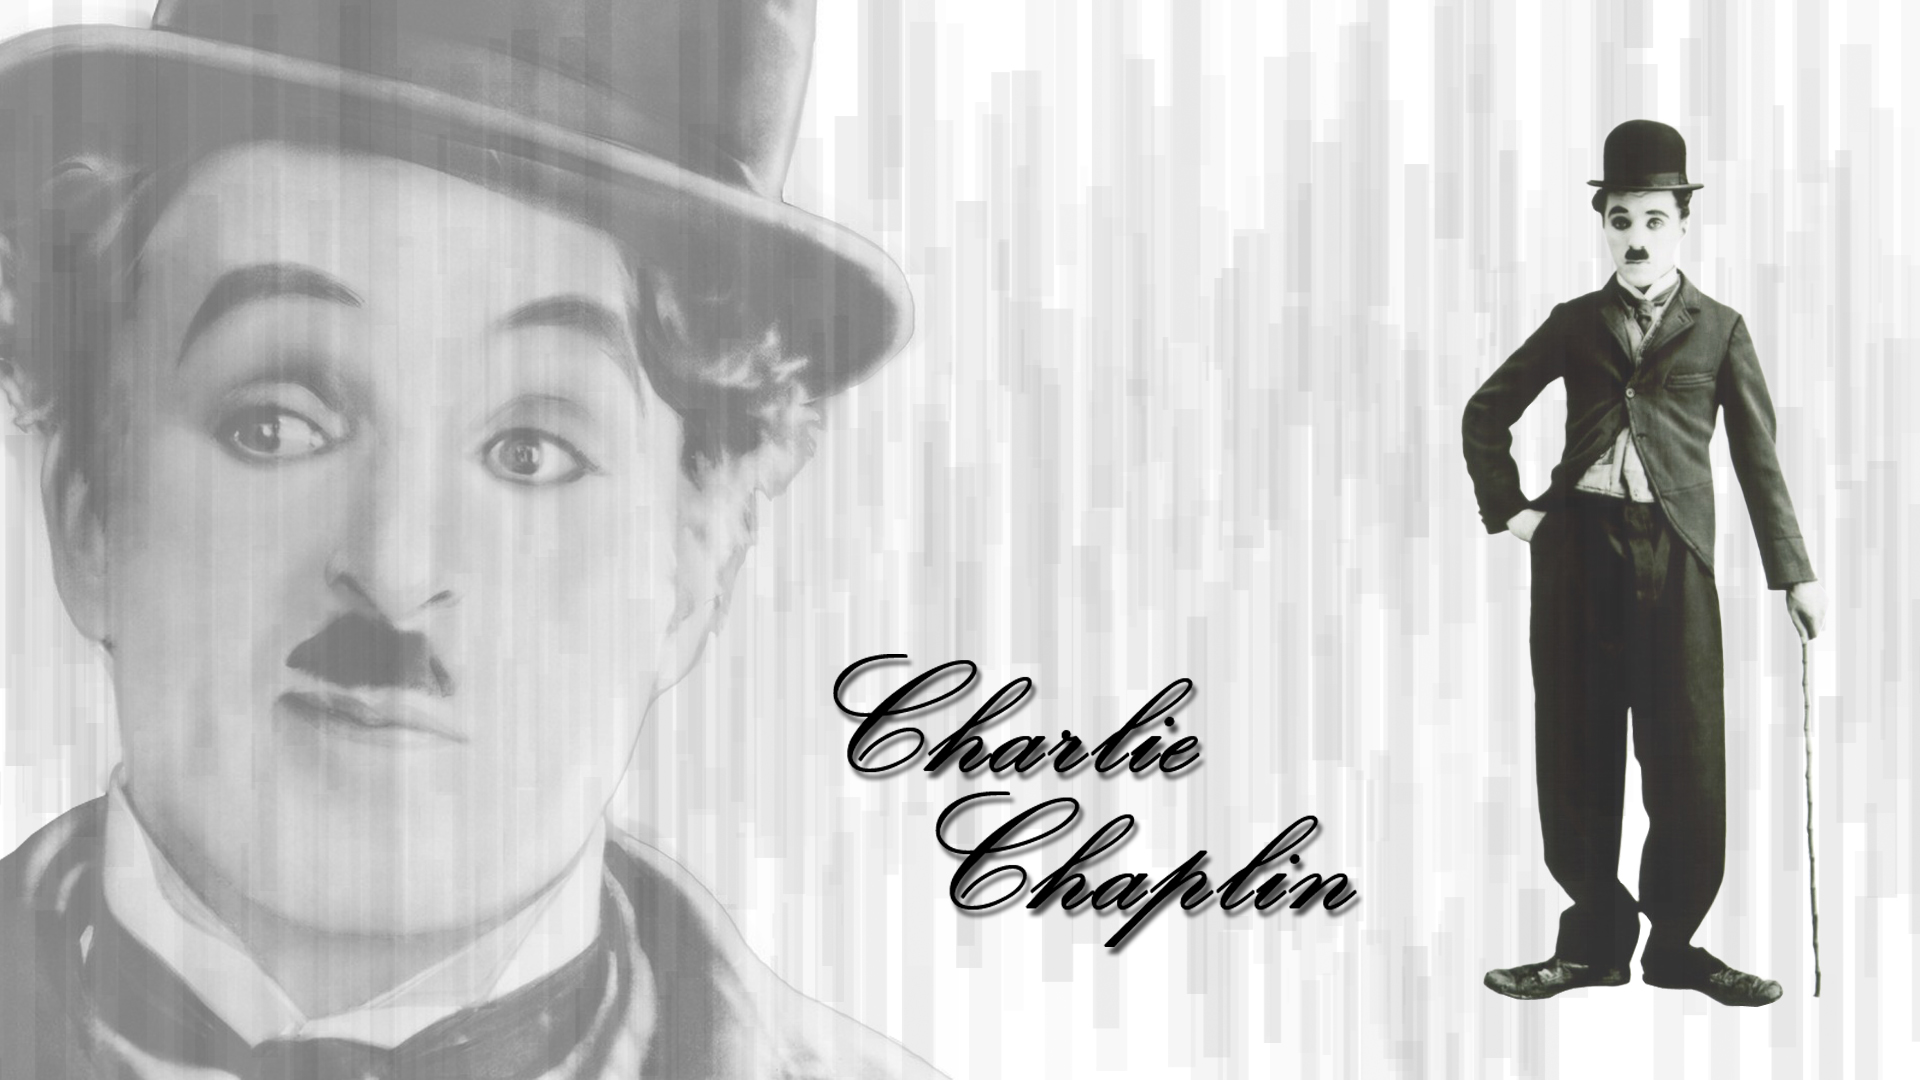 Charlie Chaplin images Charlie Chaplin Wallpaper wallpaper 1920x1080